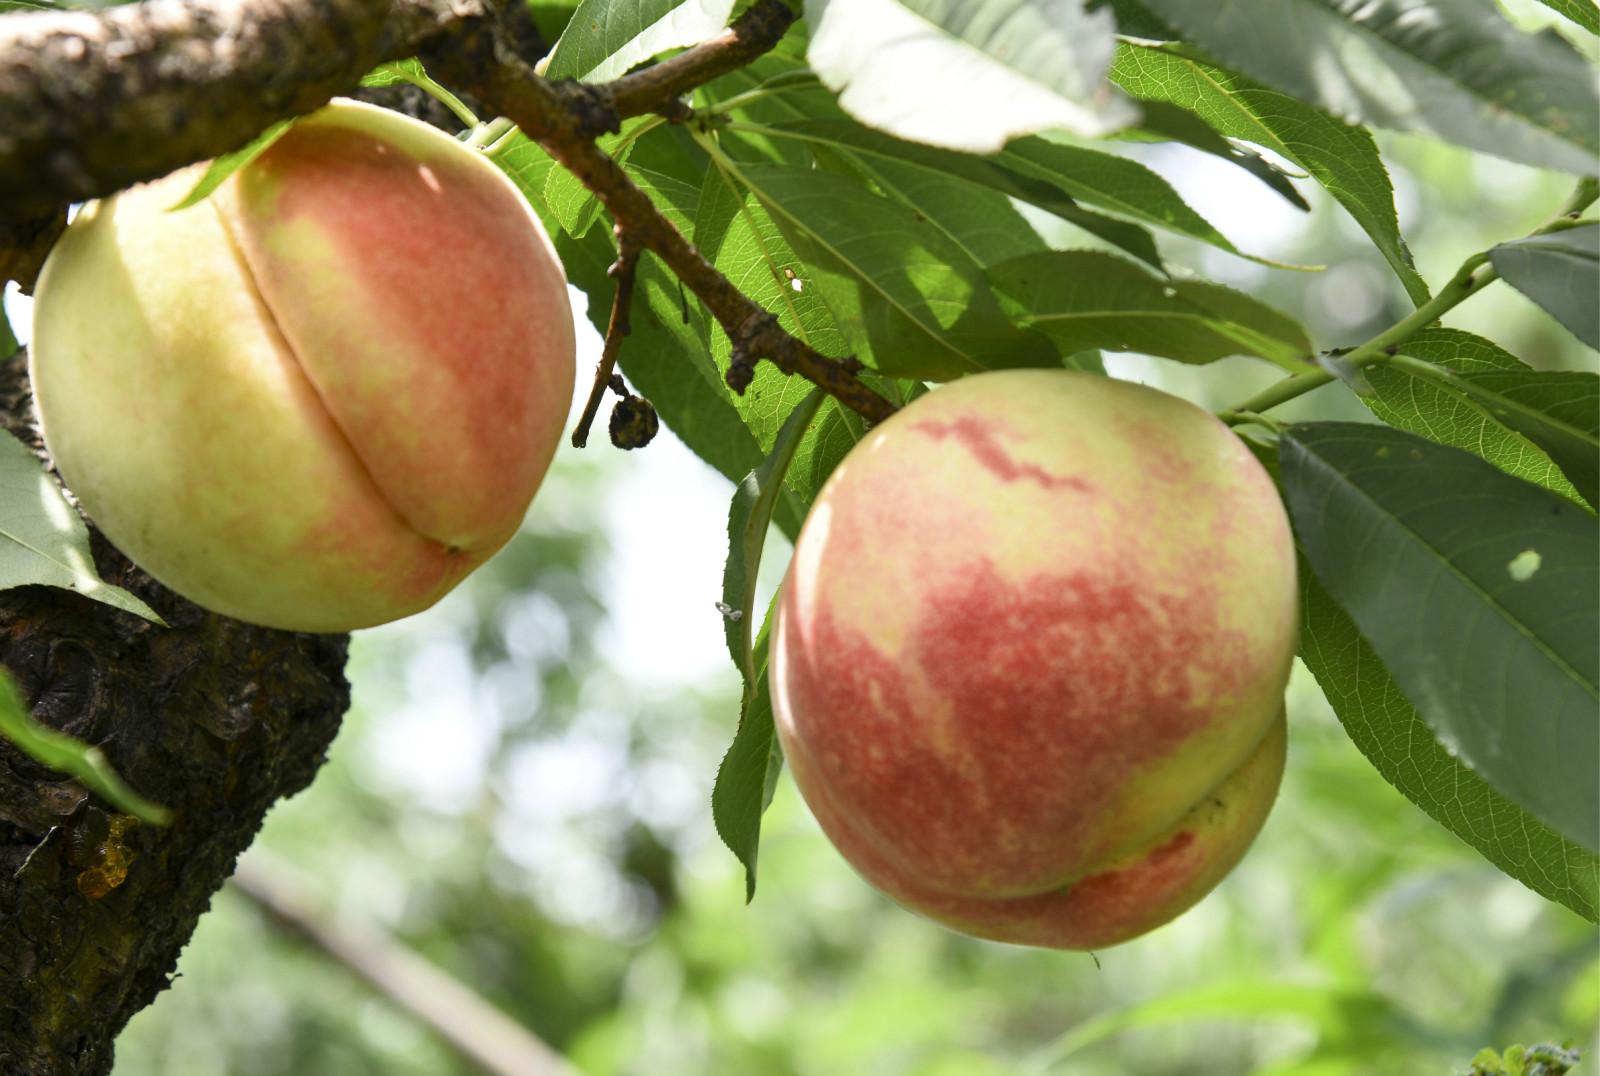 av桃蜜日本_老小孩dv沙龙 帖子信息  阳山是中国著名的水蜜桃之乡,已有近百年栽培